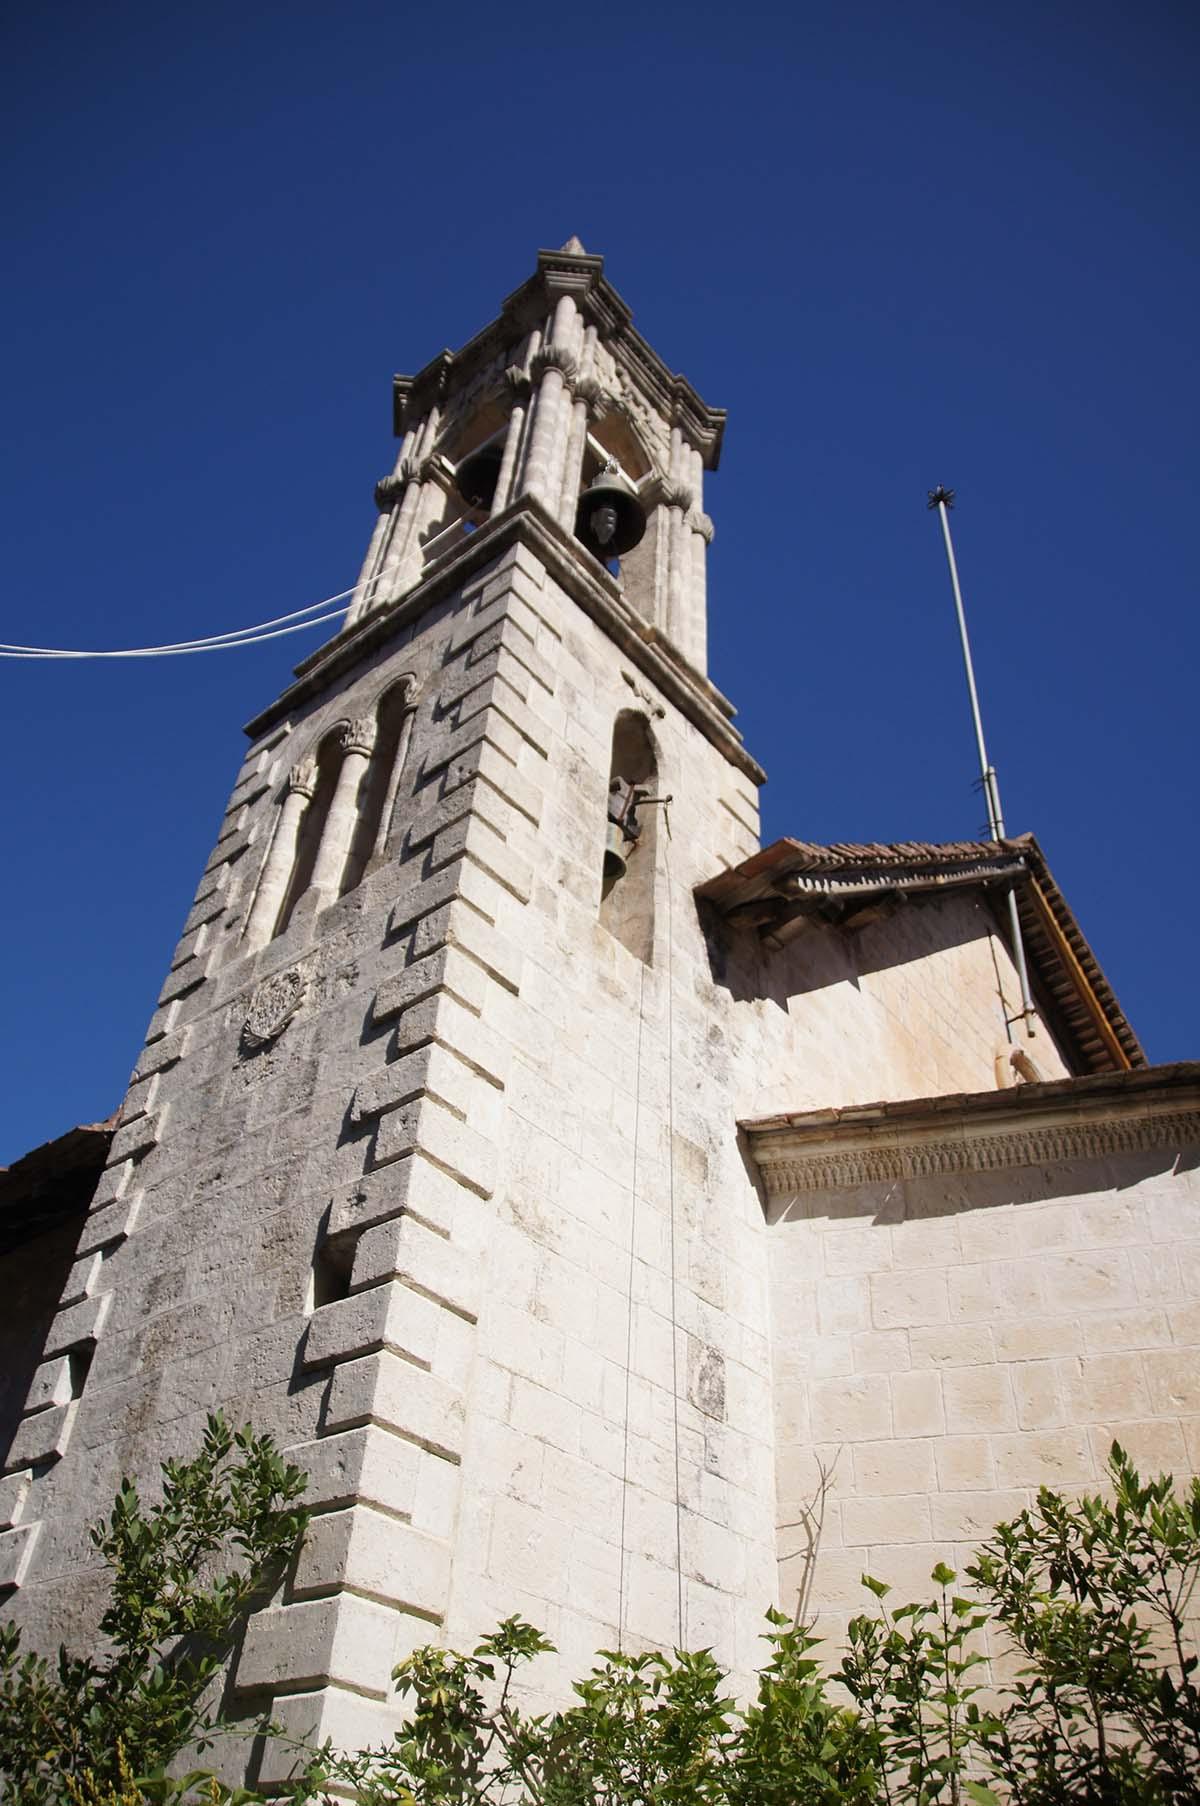 Часовня в монастыре Киккос, Кипр, Киккос, Cyprus, Panagia tou Kykkou